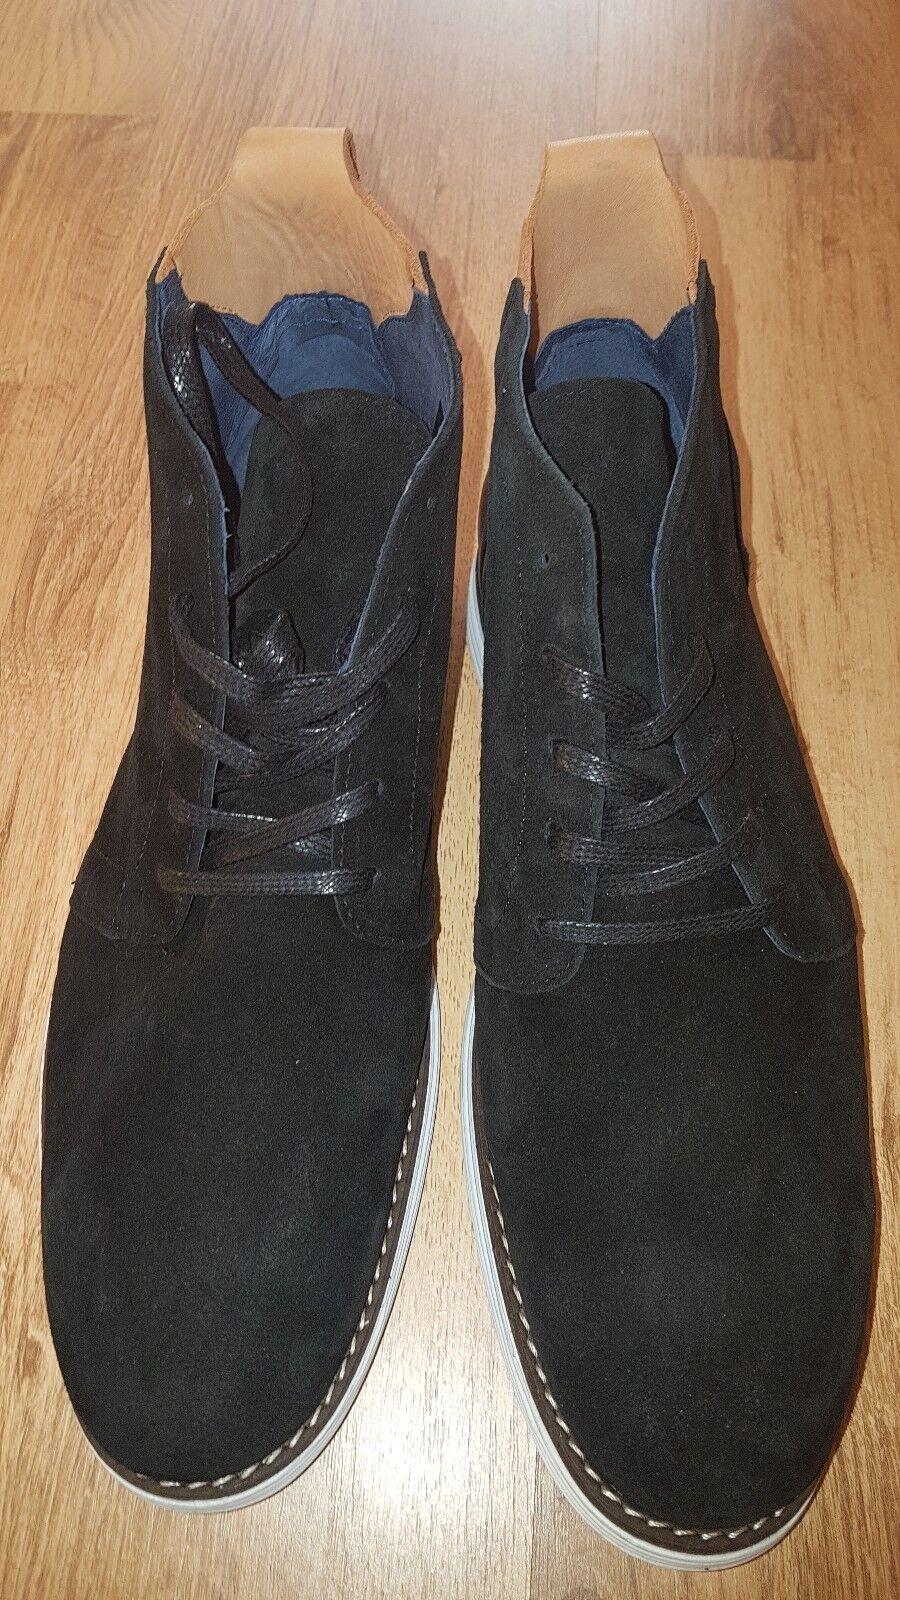 Shoot Herren Stiefel Suede Dark Schwarz Braun Schuhe Stiefel Schwarz Dark in Größe 45 neu 4eb2bf